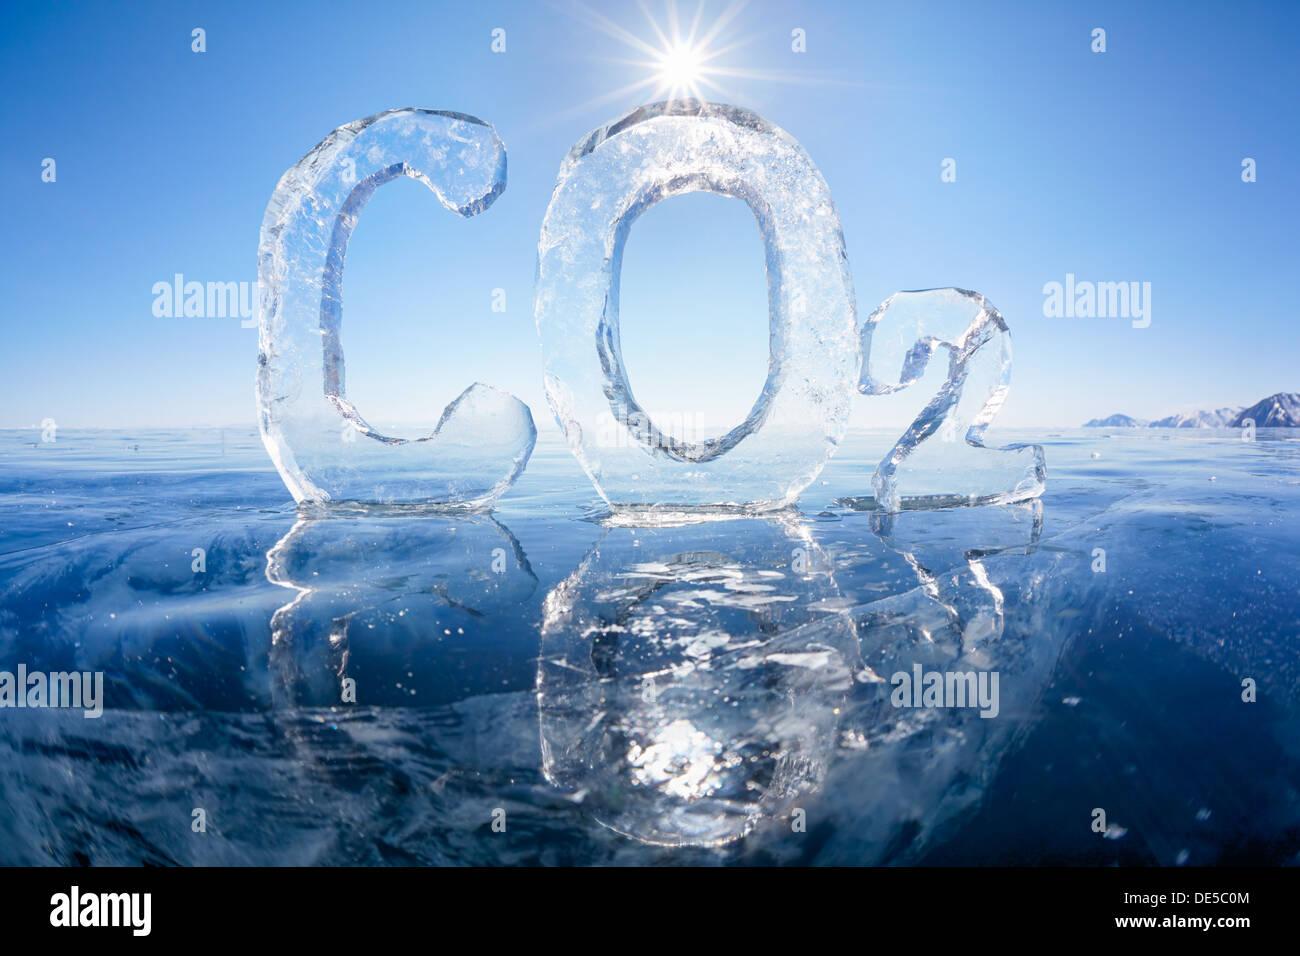 Formula chimica dei gas ad effetto serra Biossido di carbonio CO2 costituito da ghiaccio in inverno congelati lago Baikal sotto il cielo blu e raggi solari Immagini Stock